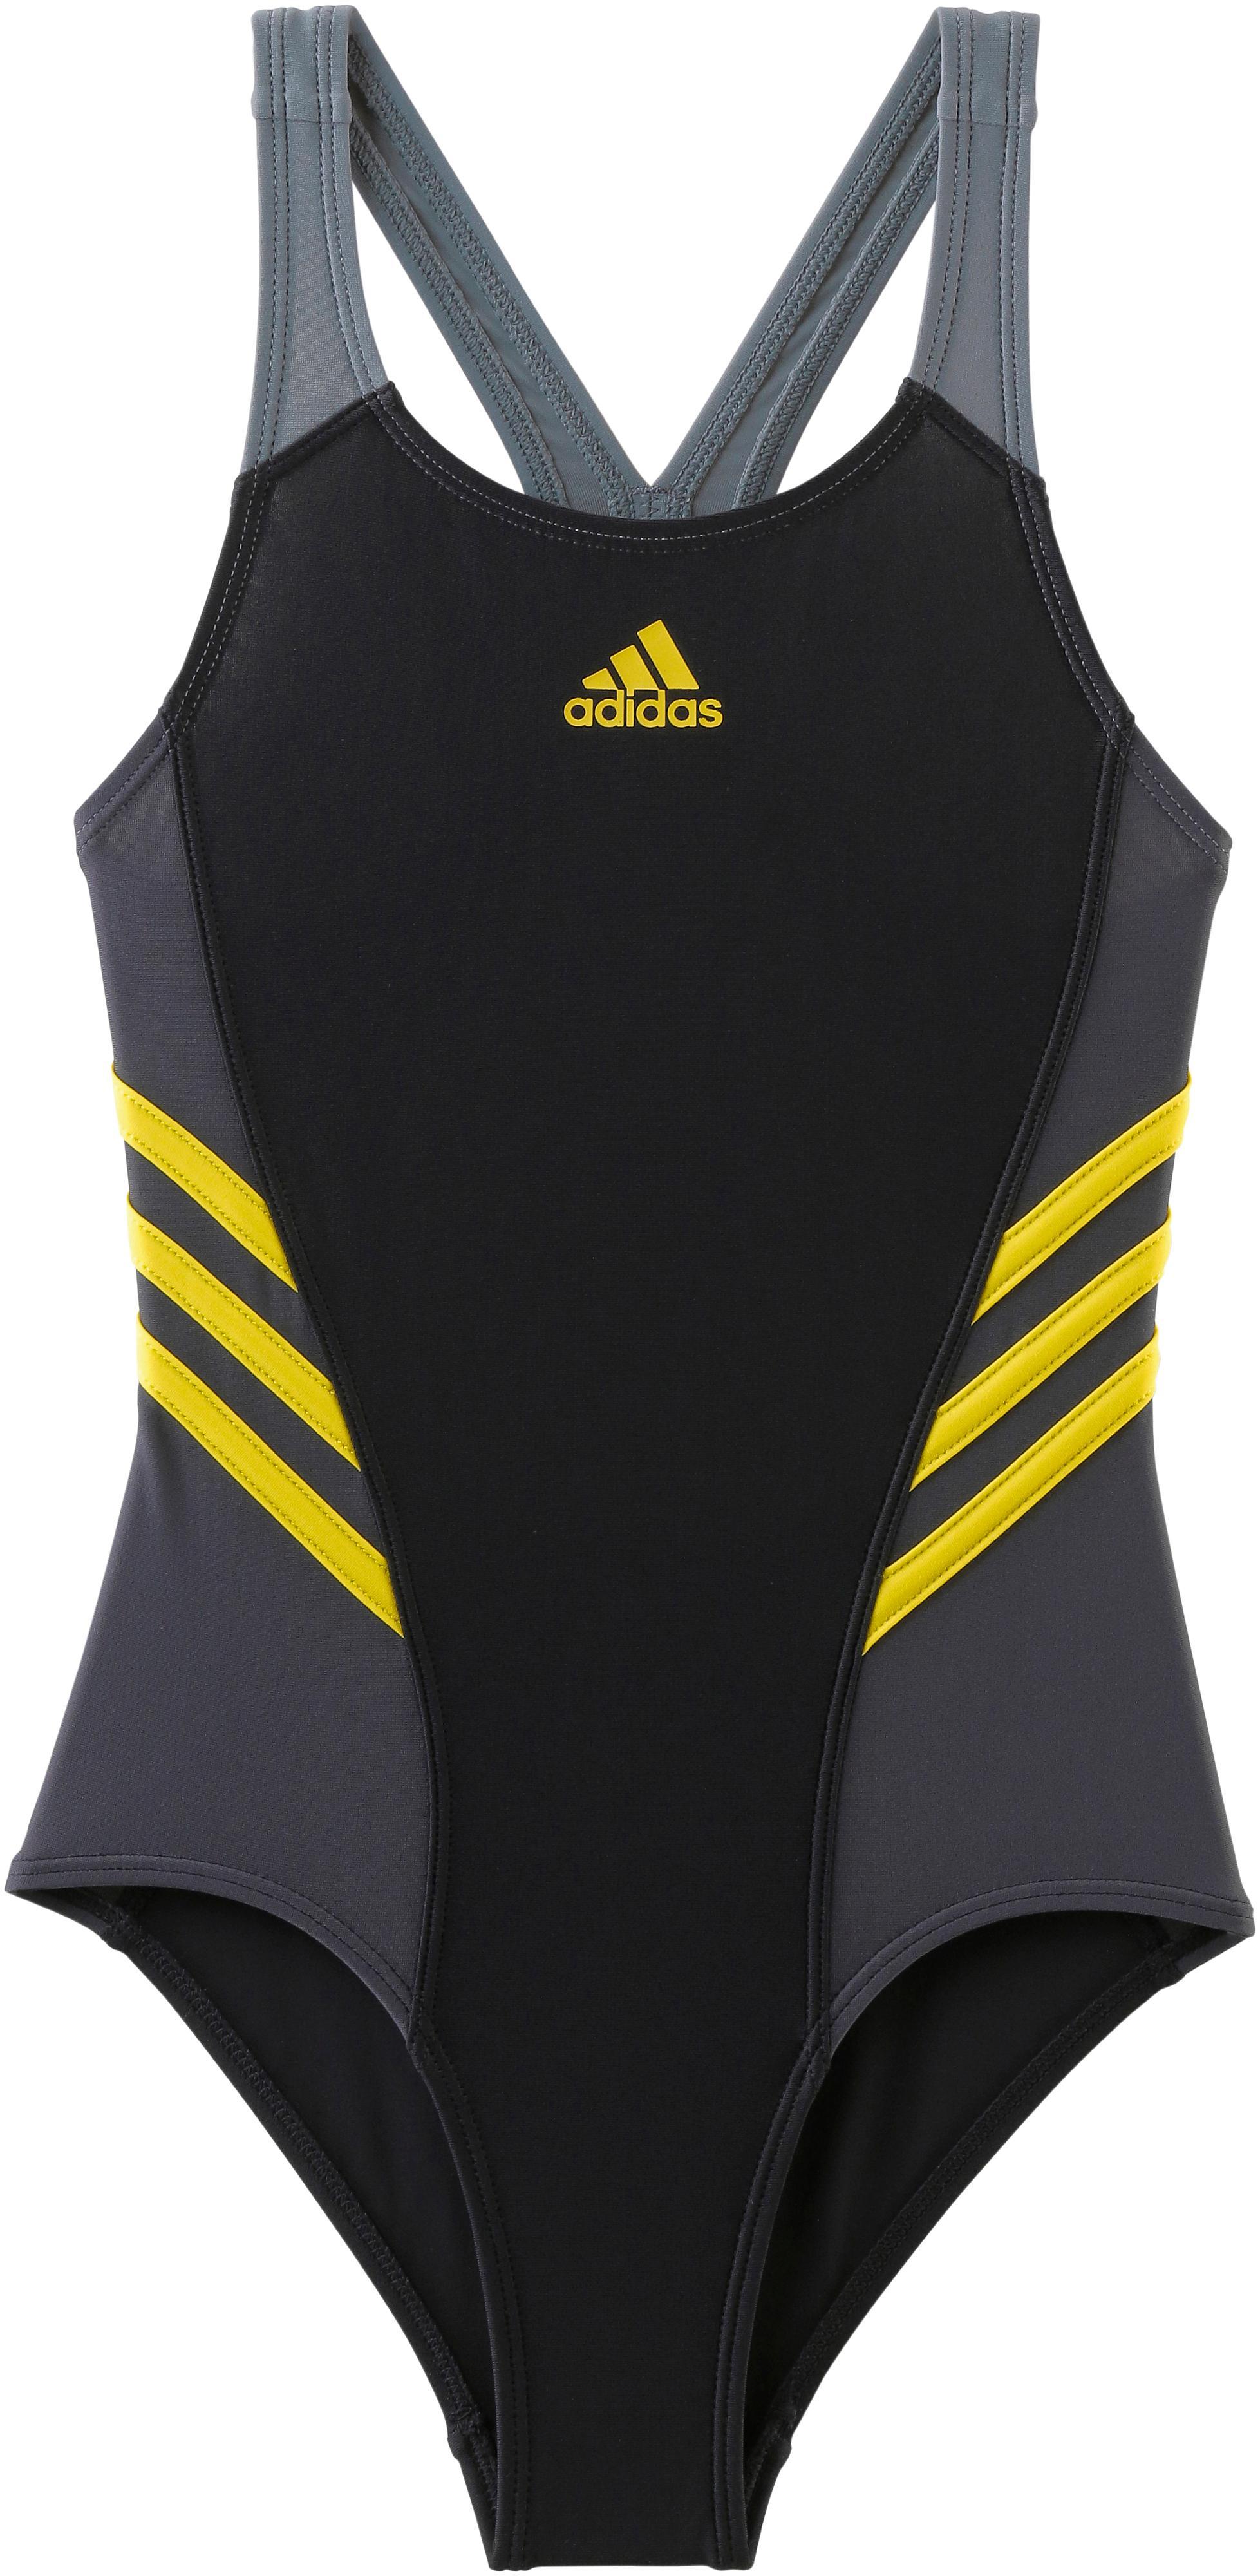 d673bb44d6e9a Adidas Badeanzug Mädchen schwarz/grau im Online Shop von SportScheck kaufen